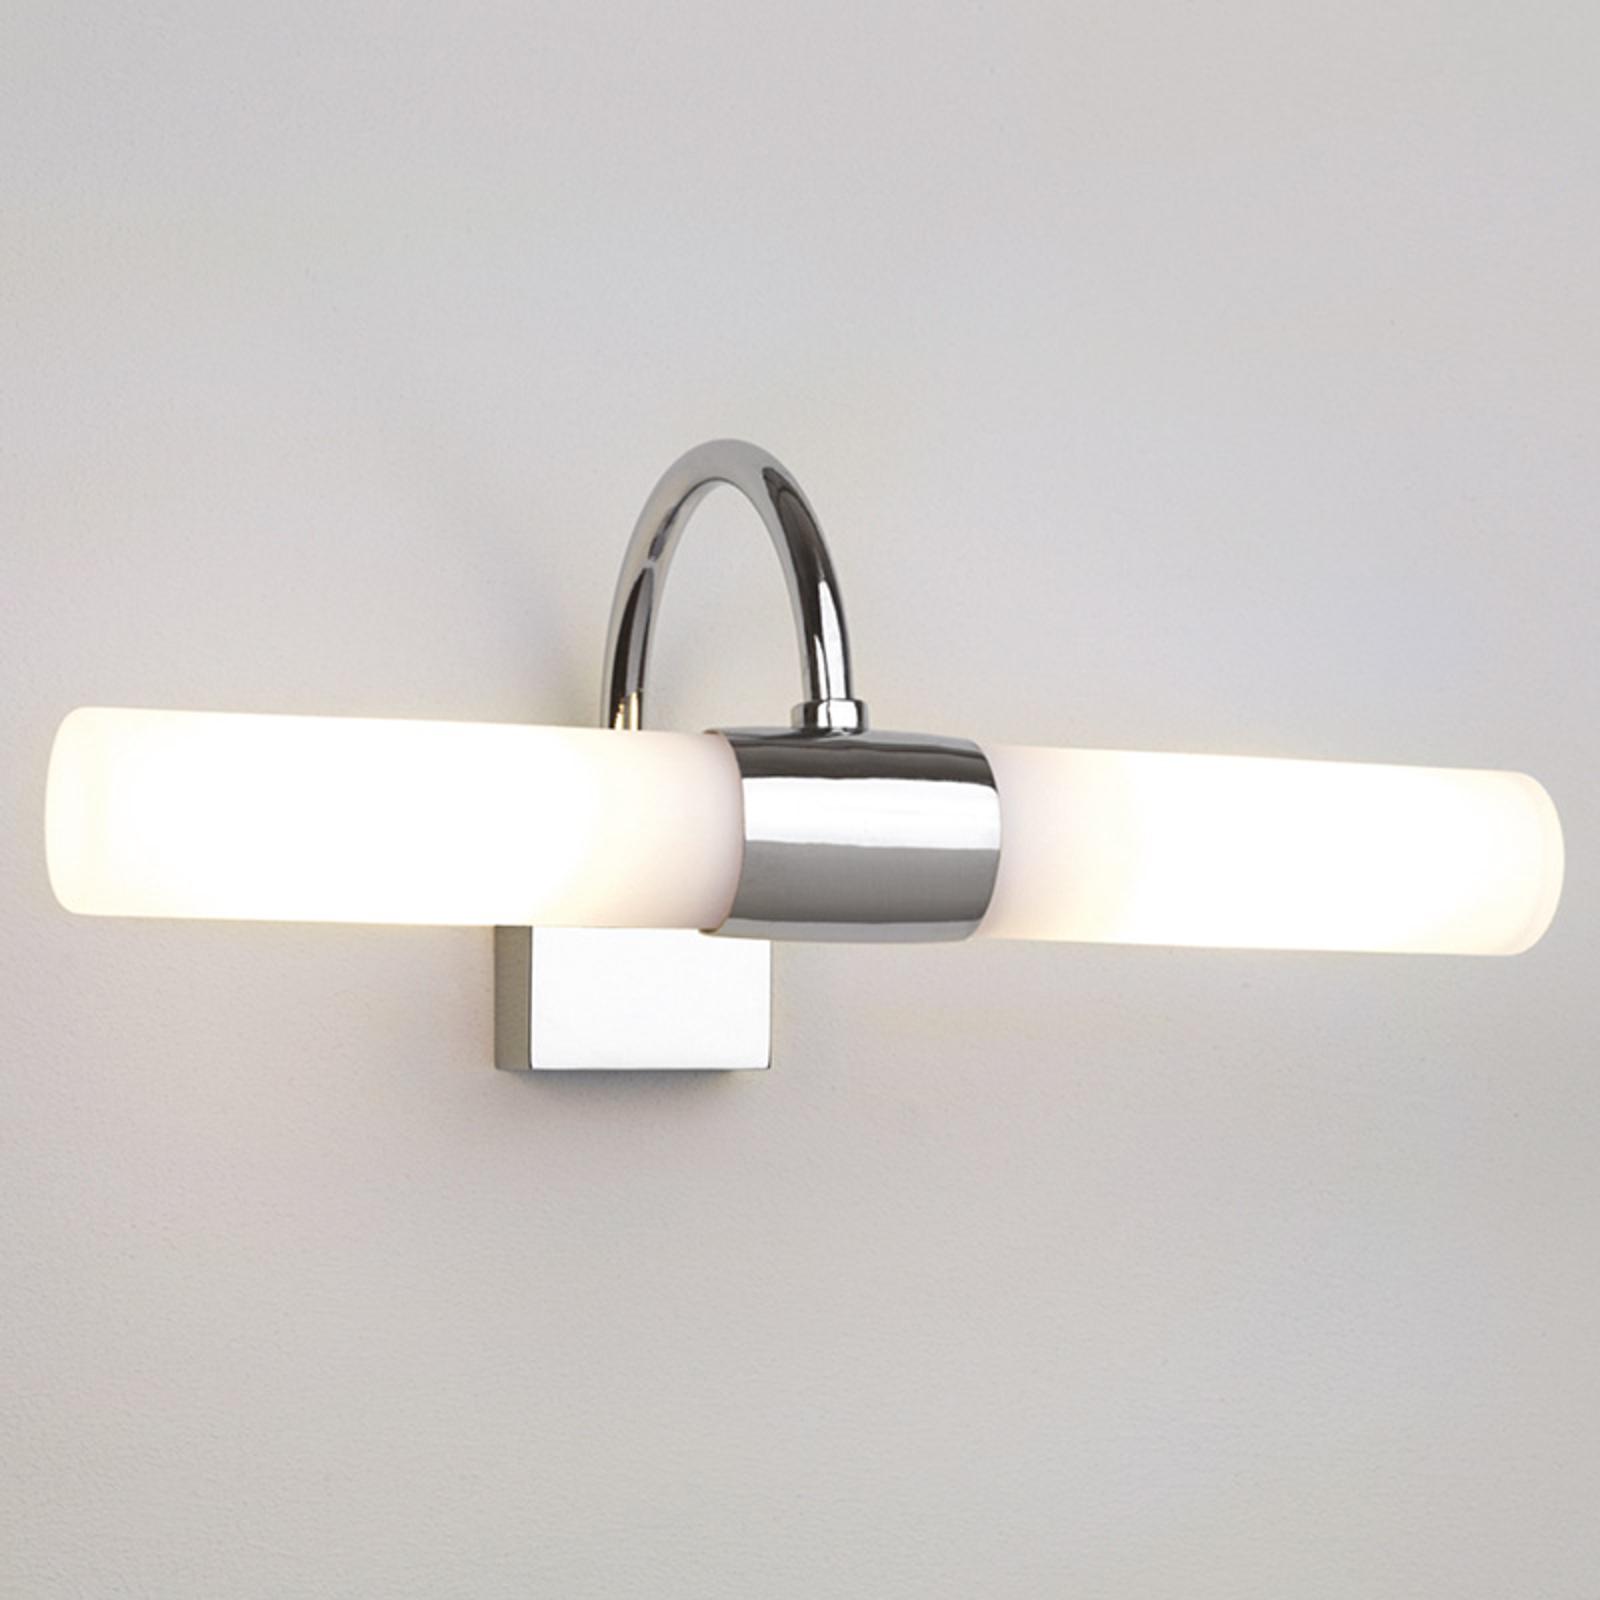 Witte wandlamp DAYTON voor de spiegel